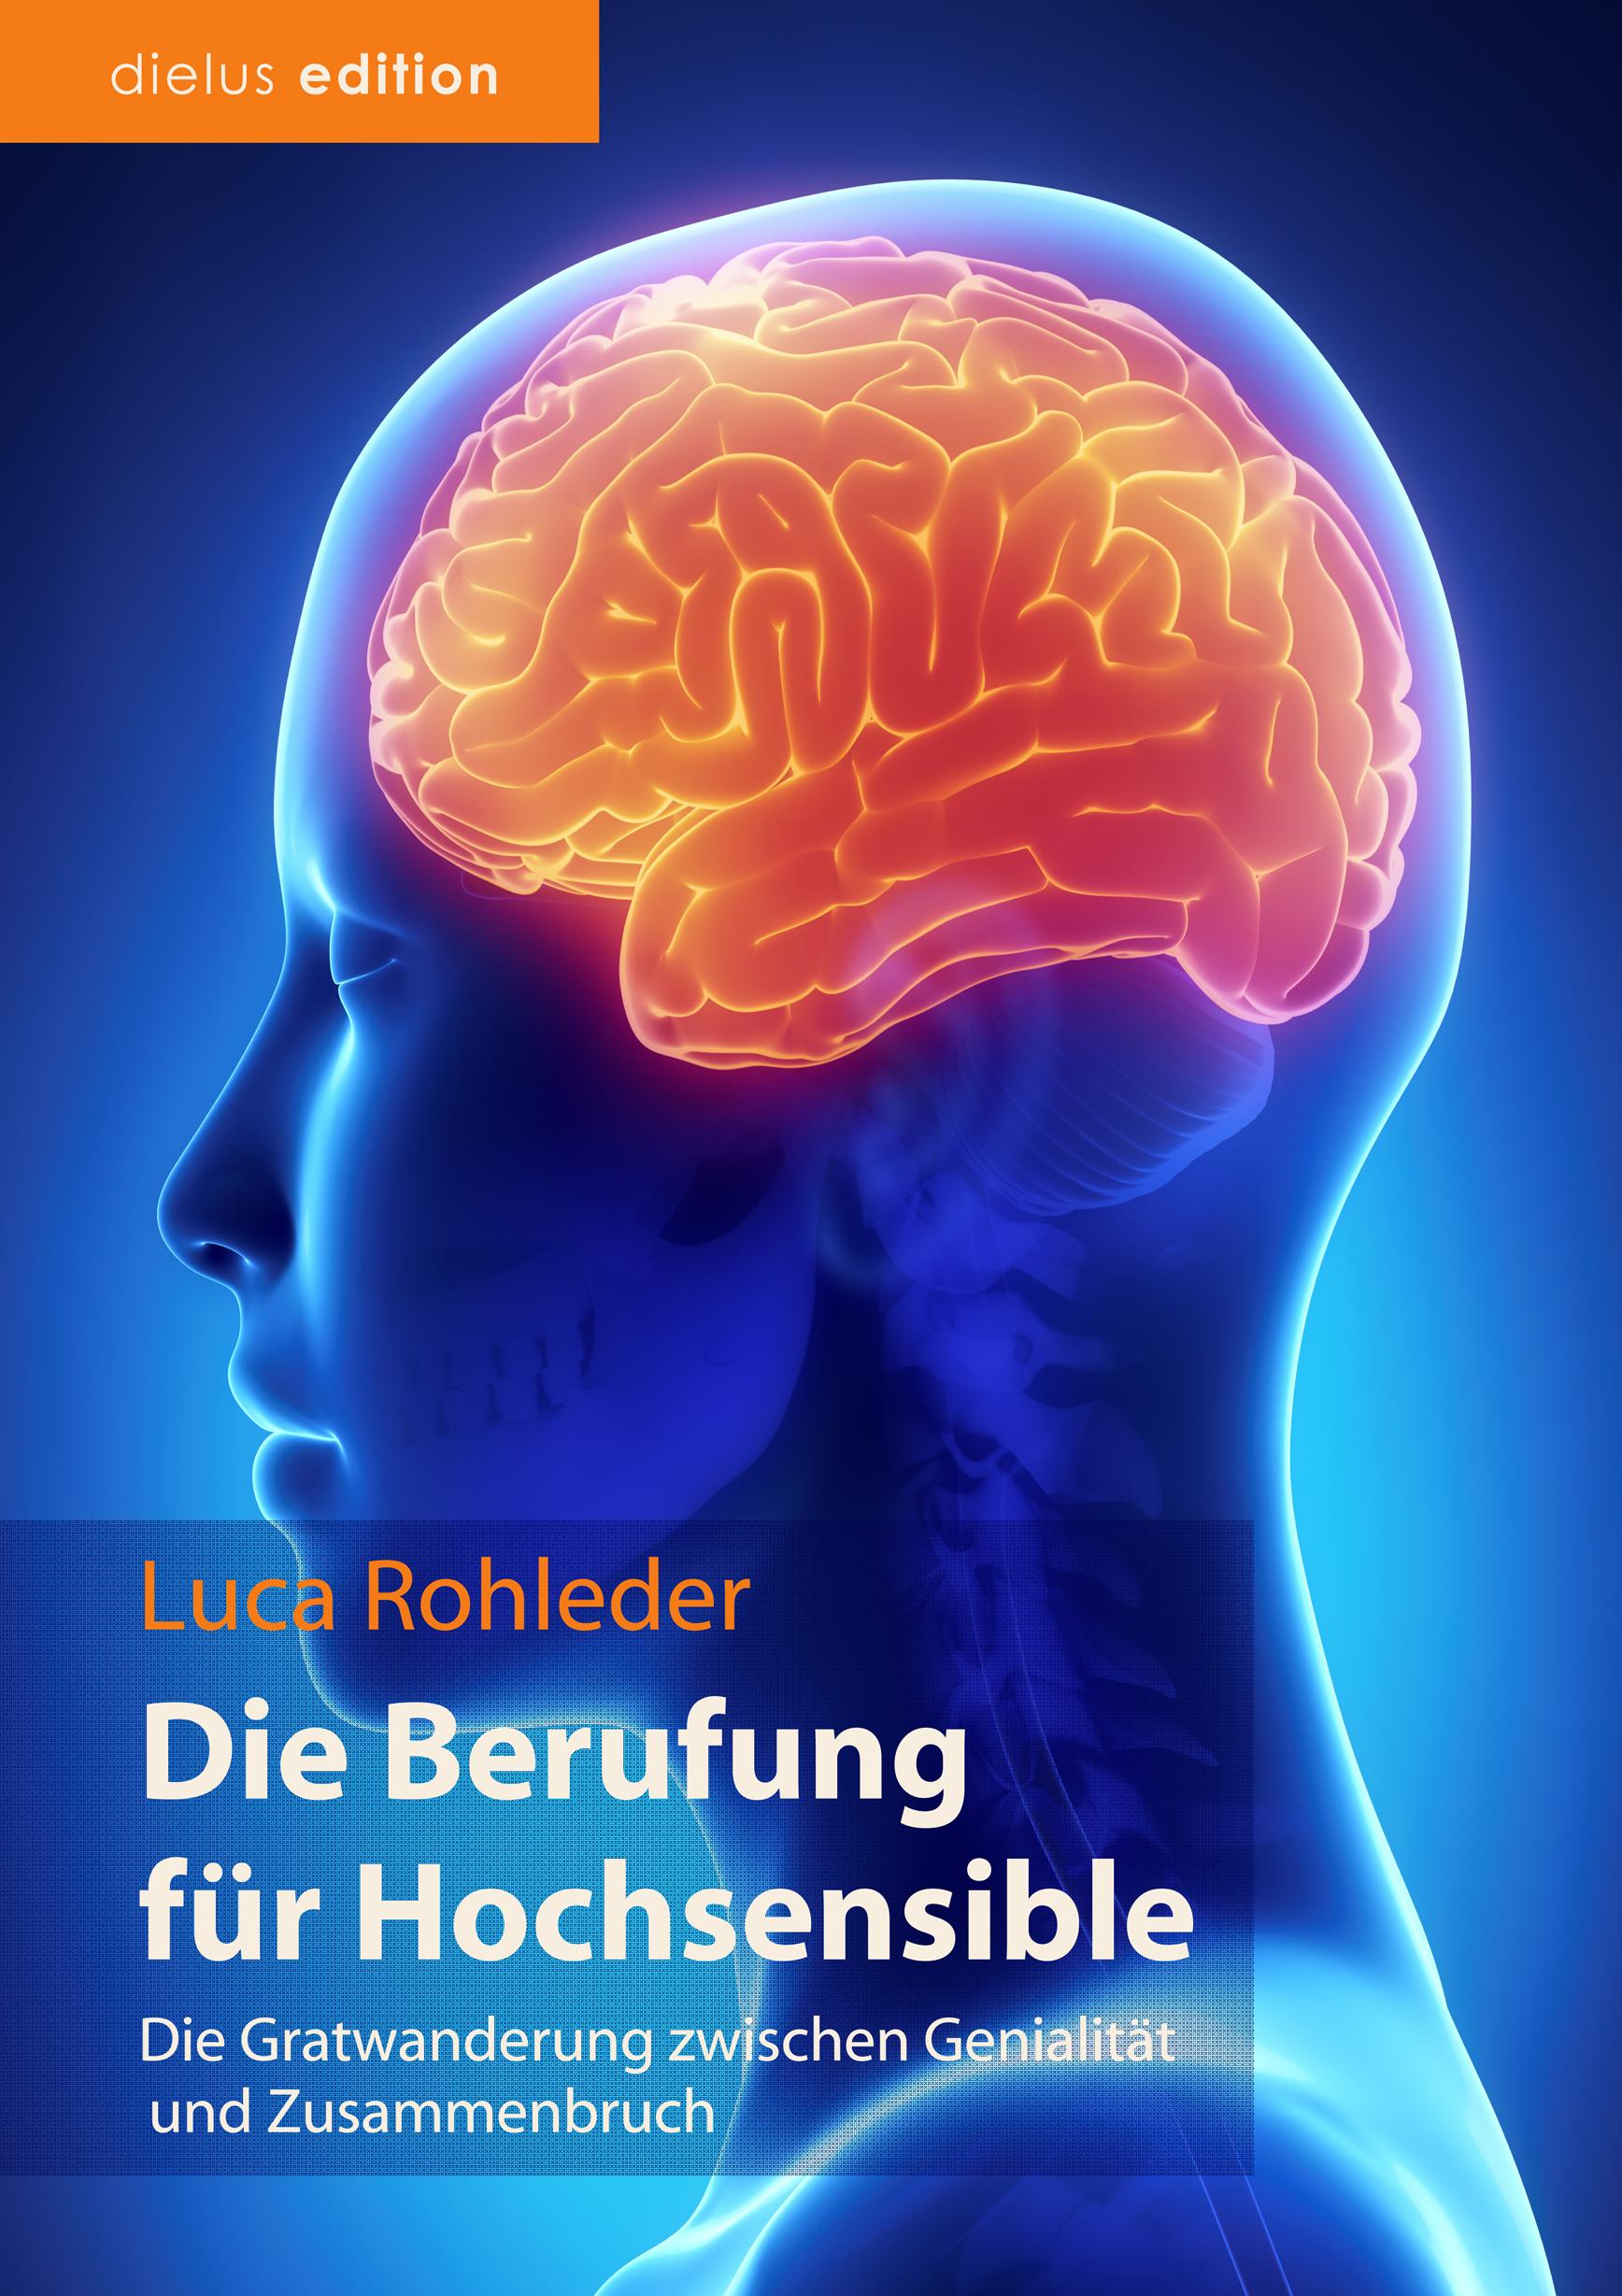 Die Berufung für Hochsensible: Die Gratwanderung zwischen Genialität und Zusammenbruch - Rohleder, Luca